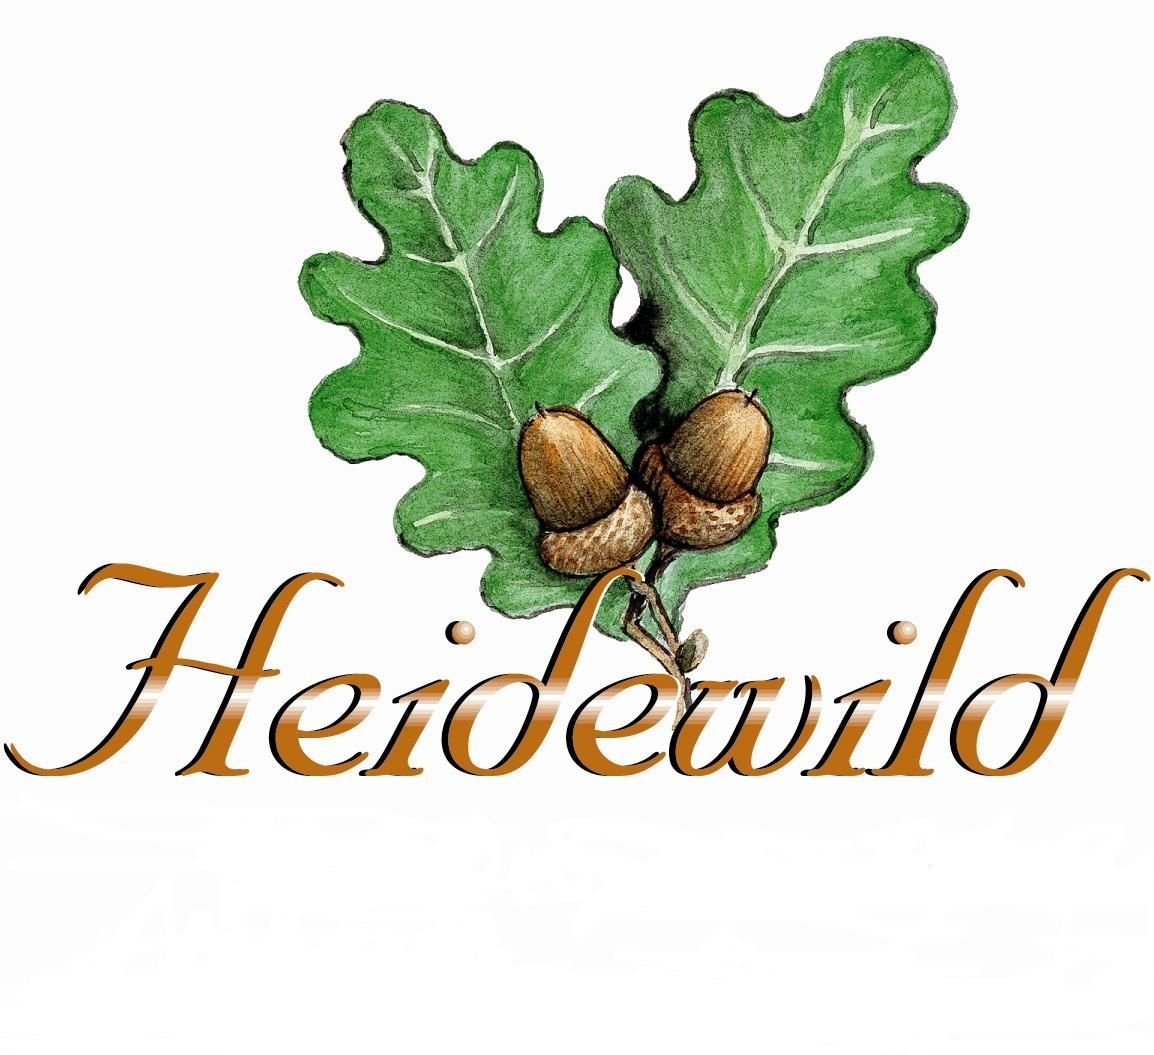 Heidewild